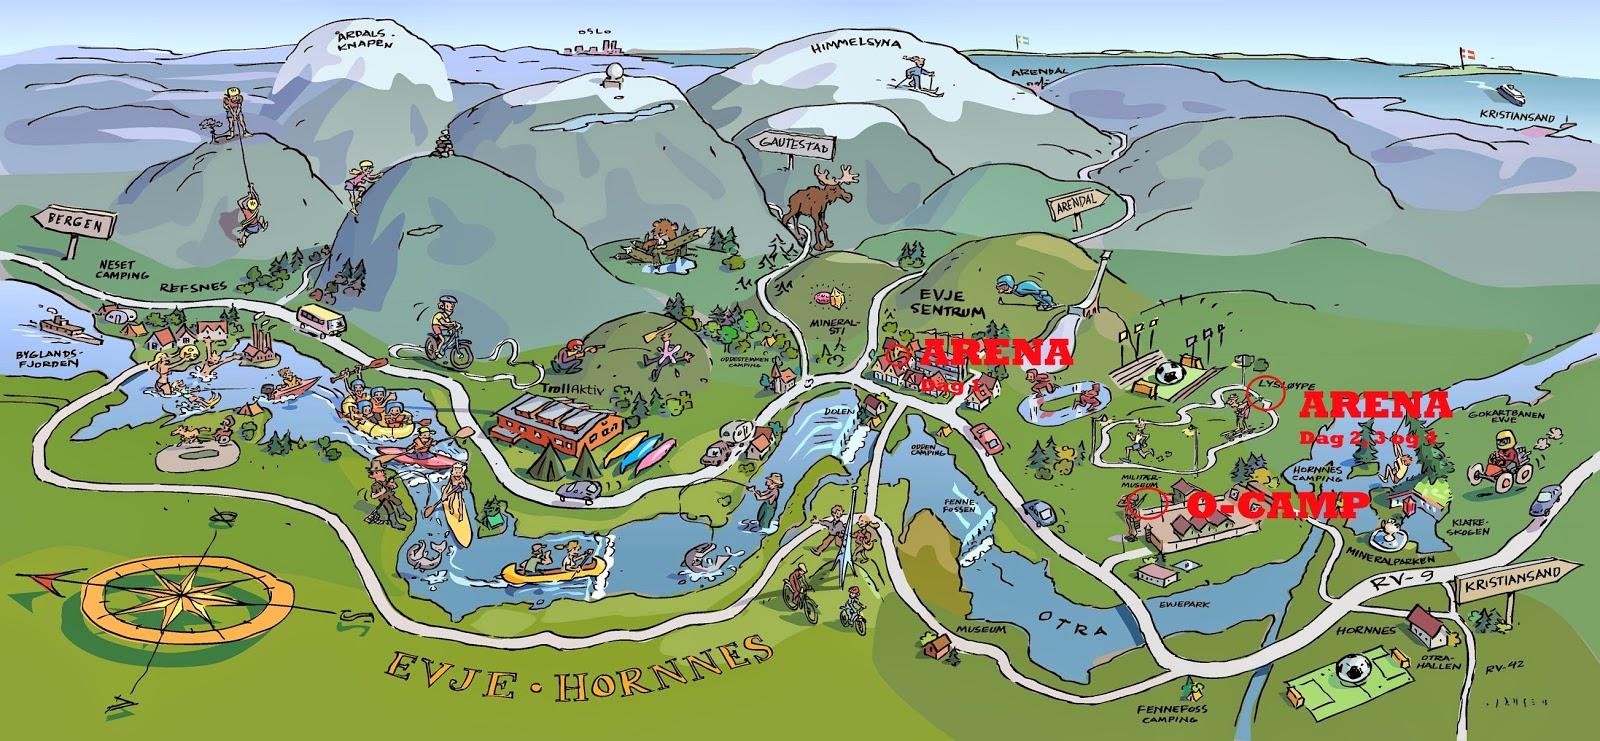 kart og bilder Sørlandsgaloppen 2014: Kart og bilder kart og bilder